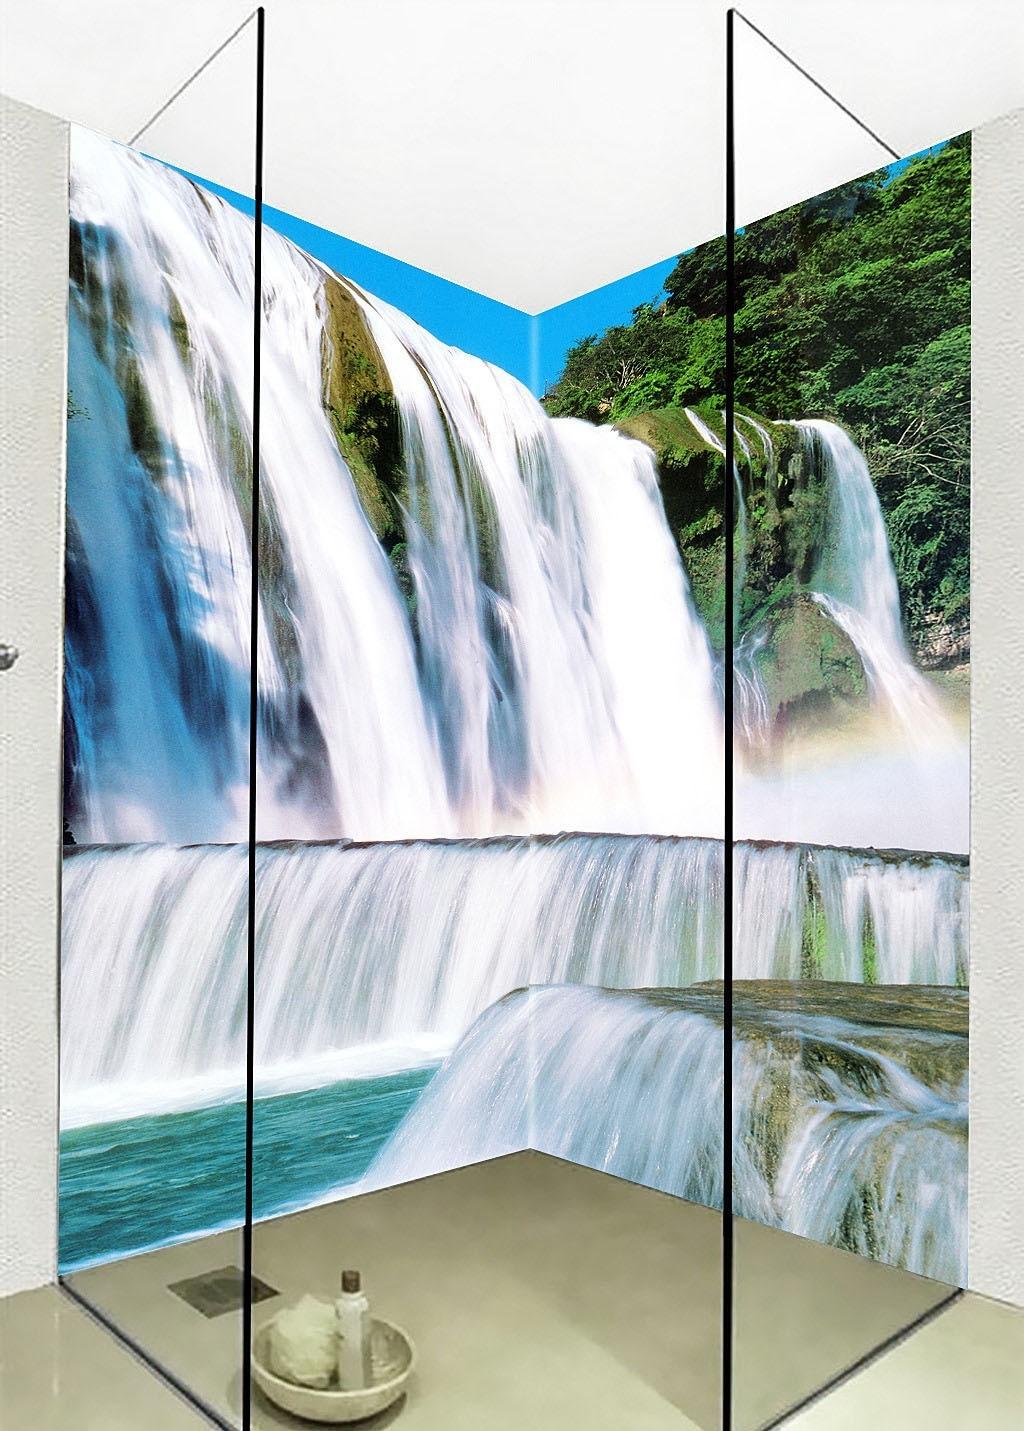 Large 3d Wall Stickers Waterfalls Shower Bathtub Art Wall